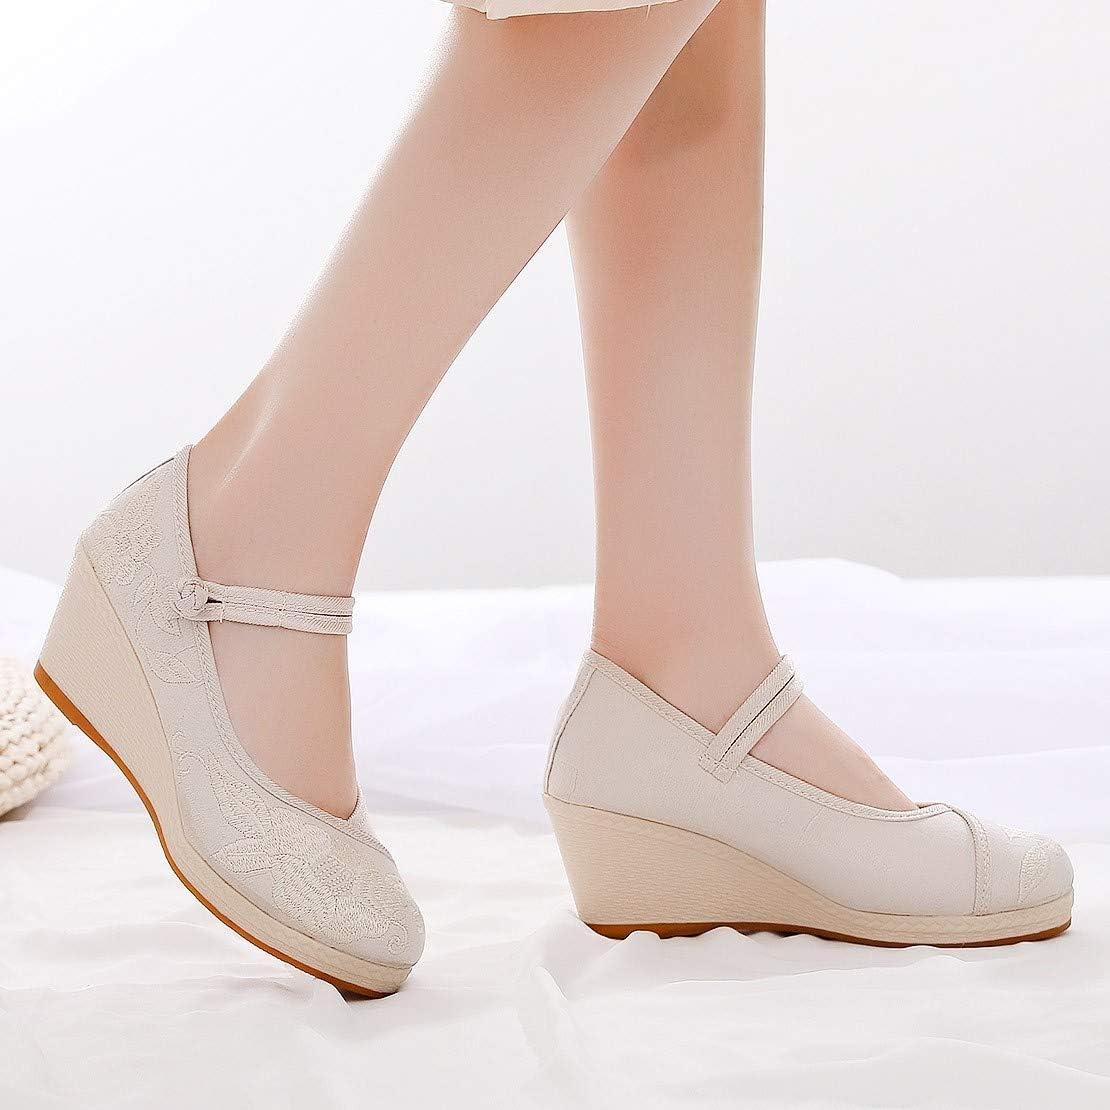 Luotuo Sandales Femmes Chaussures Sandales Semelle Confortable /à Talons Plats pour Randonn/ée Marche Pieds Larges compens/ées brod/ées en Toile pour Femmes de Style Chinois Chaussures de Sport